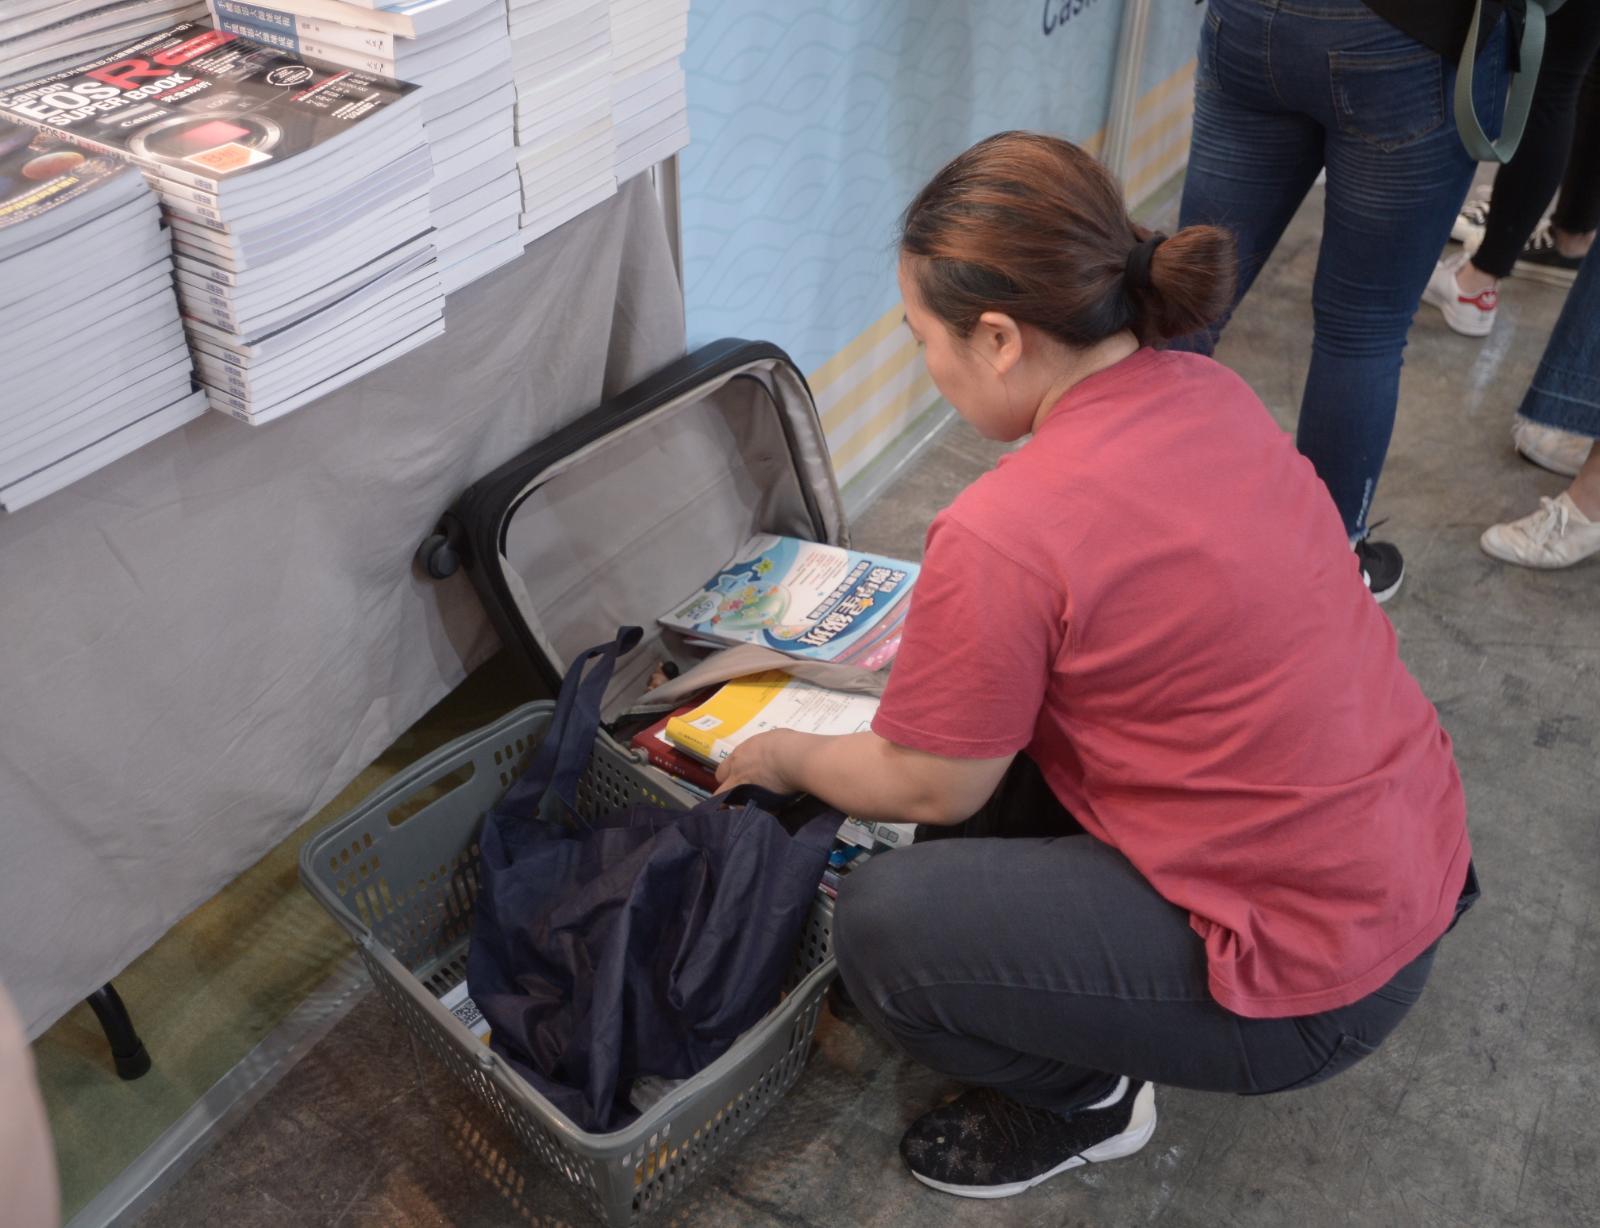 市民買得心頭書,將書放入行李箱。